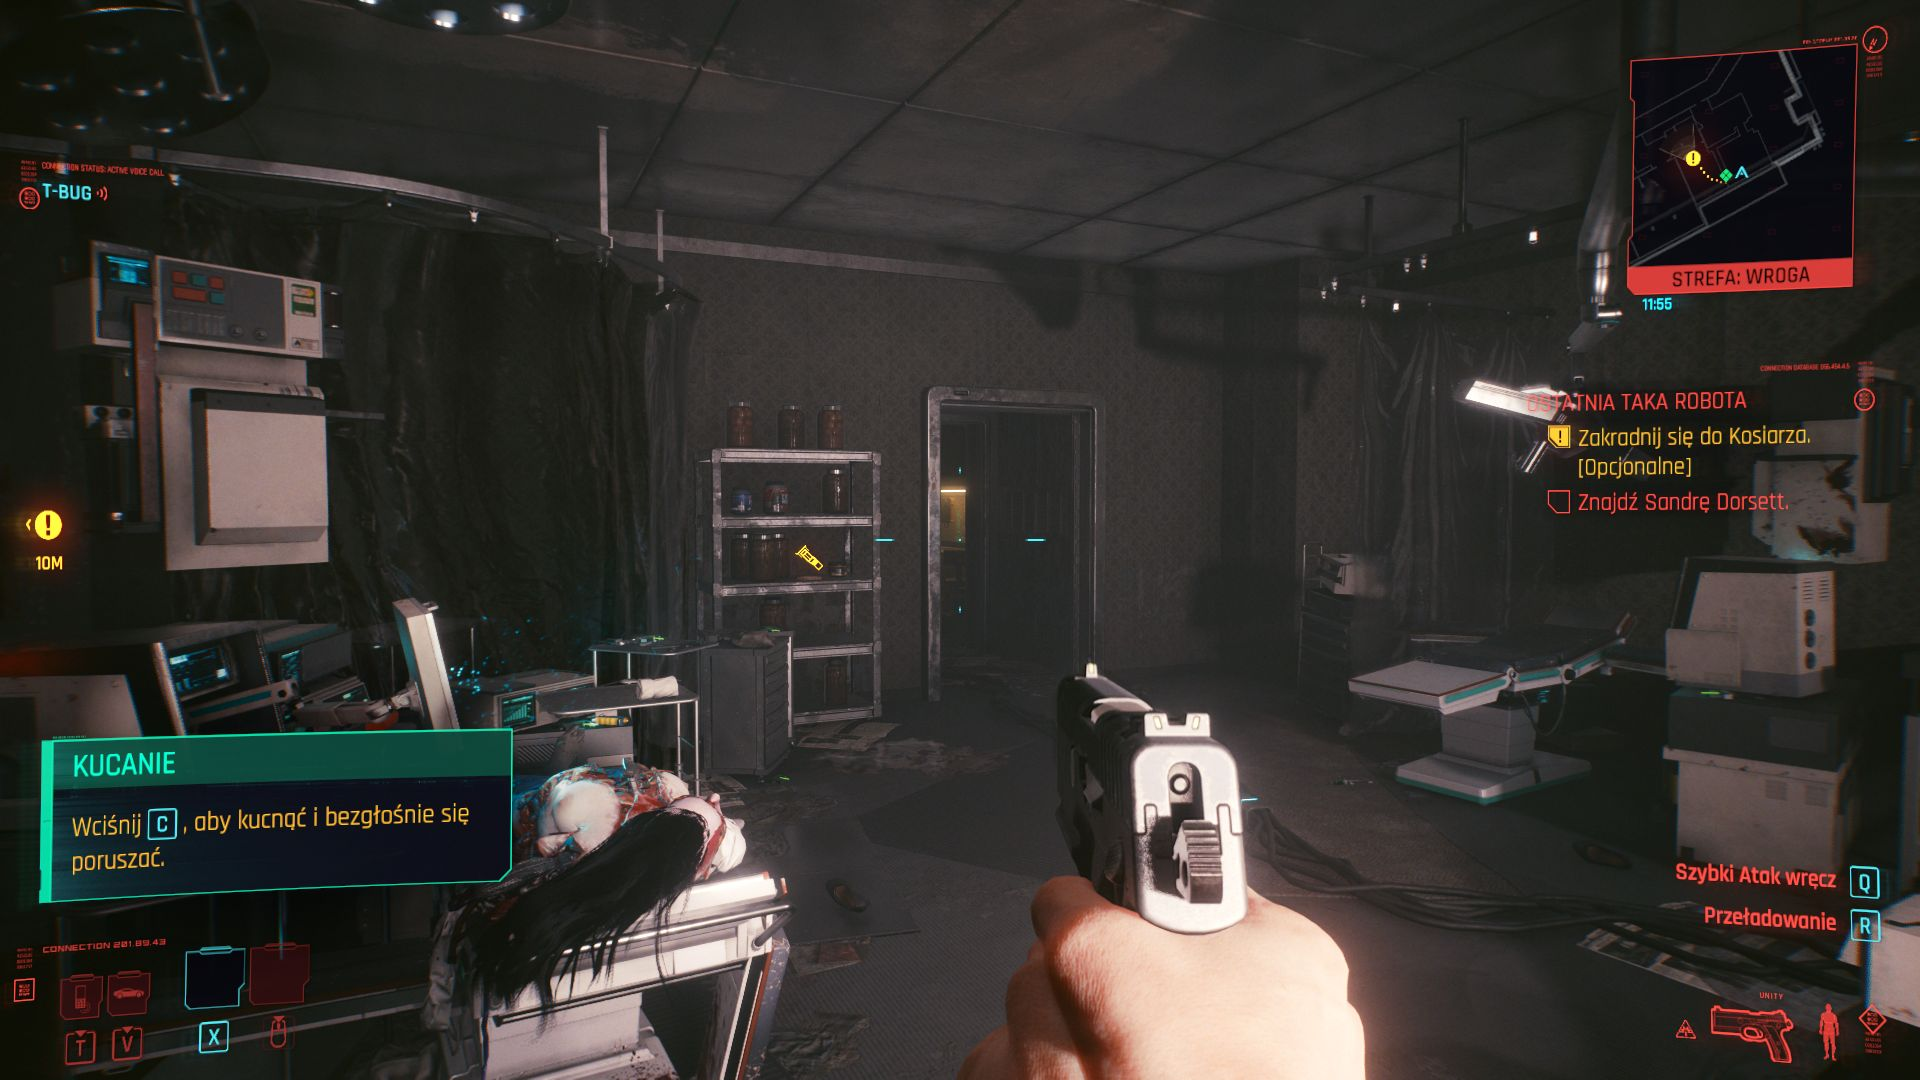 Cyberpunk_2077_C_2020_by_CD_Projekt_RED_09.03.2021_18_36_48_P